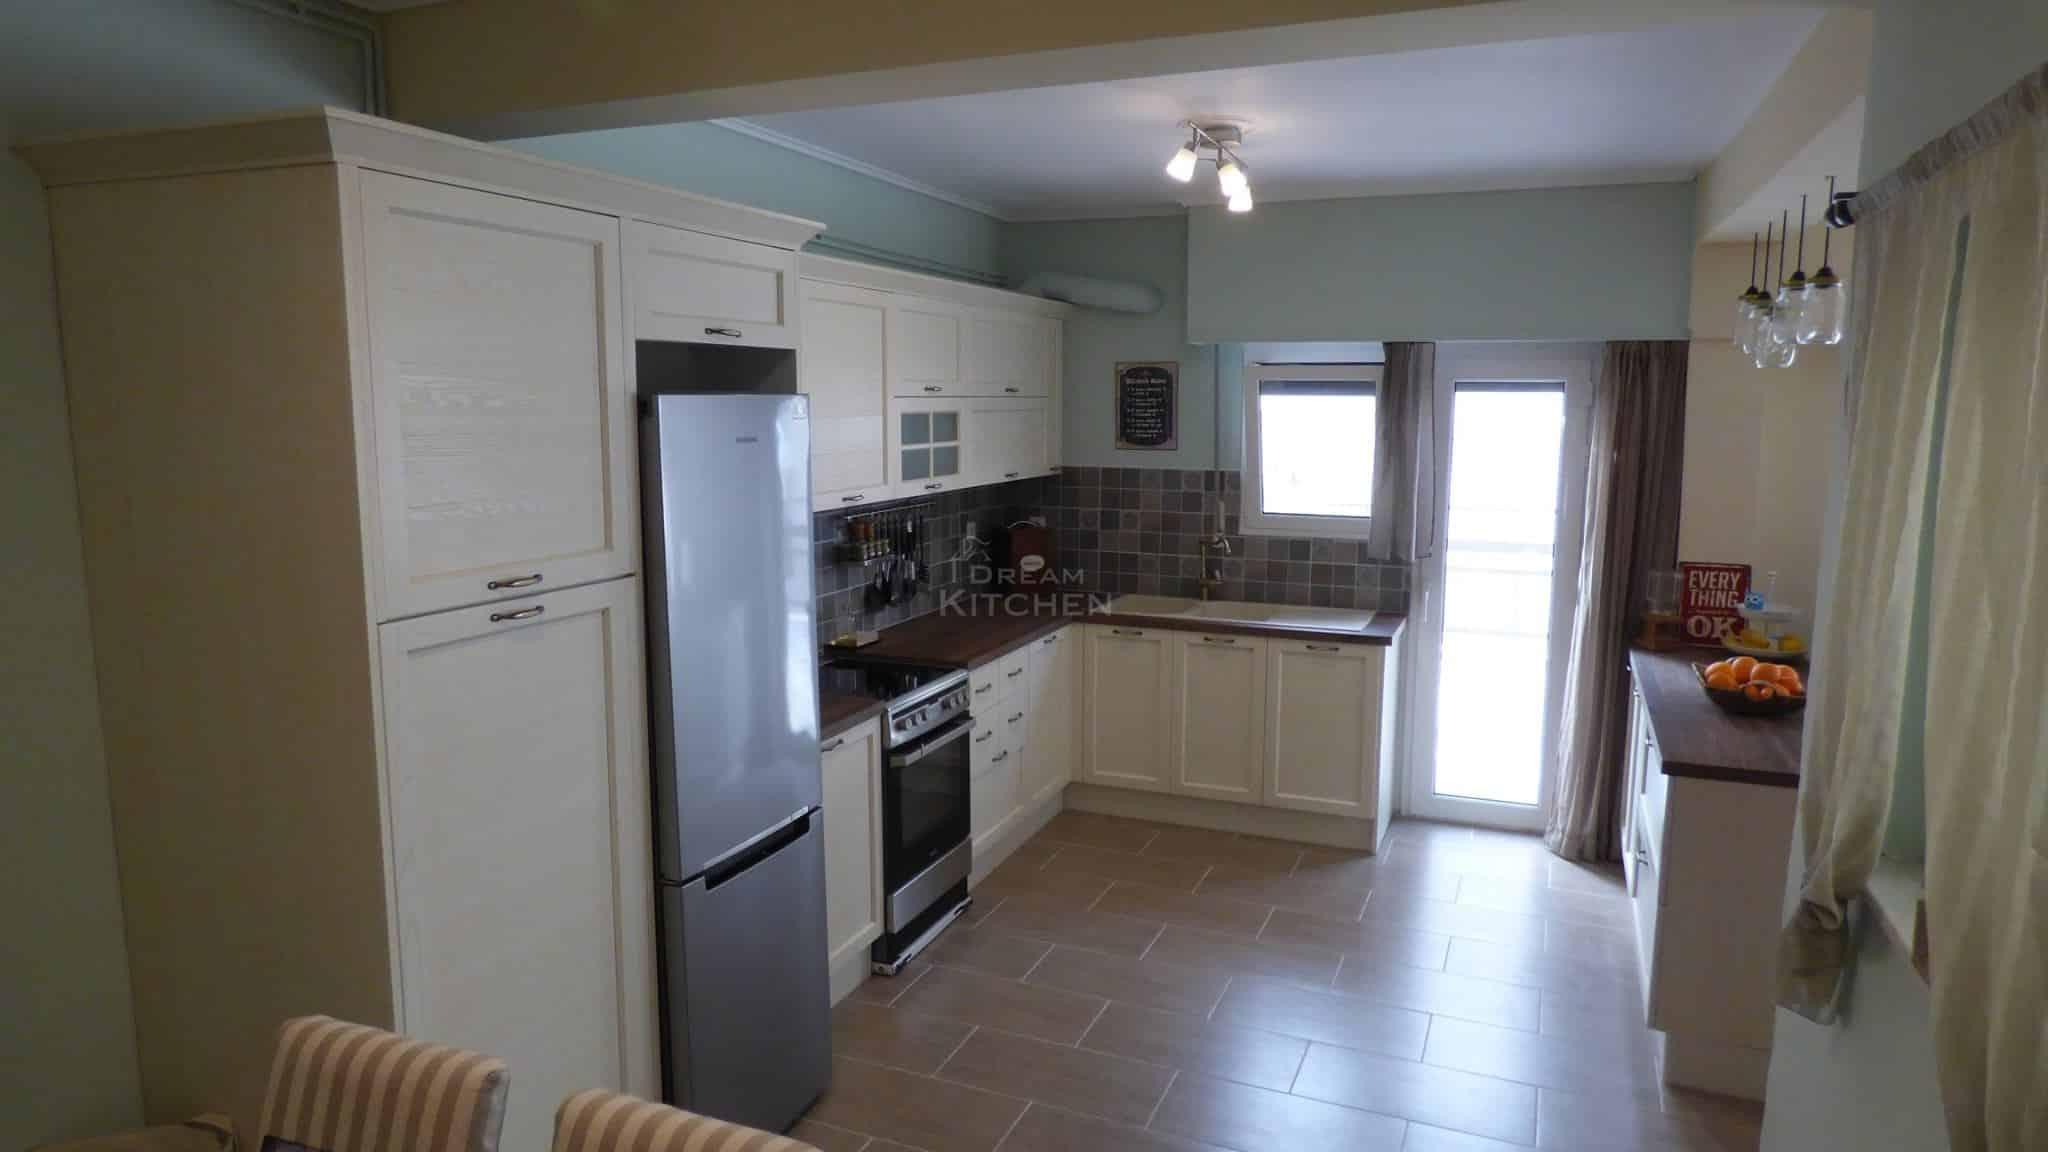 Κουζίνα Ημιμασίφ Dover 33